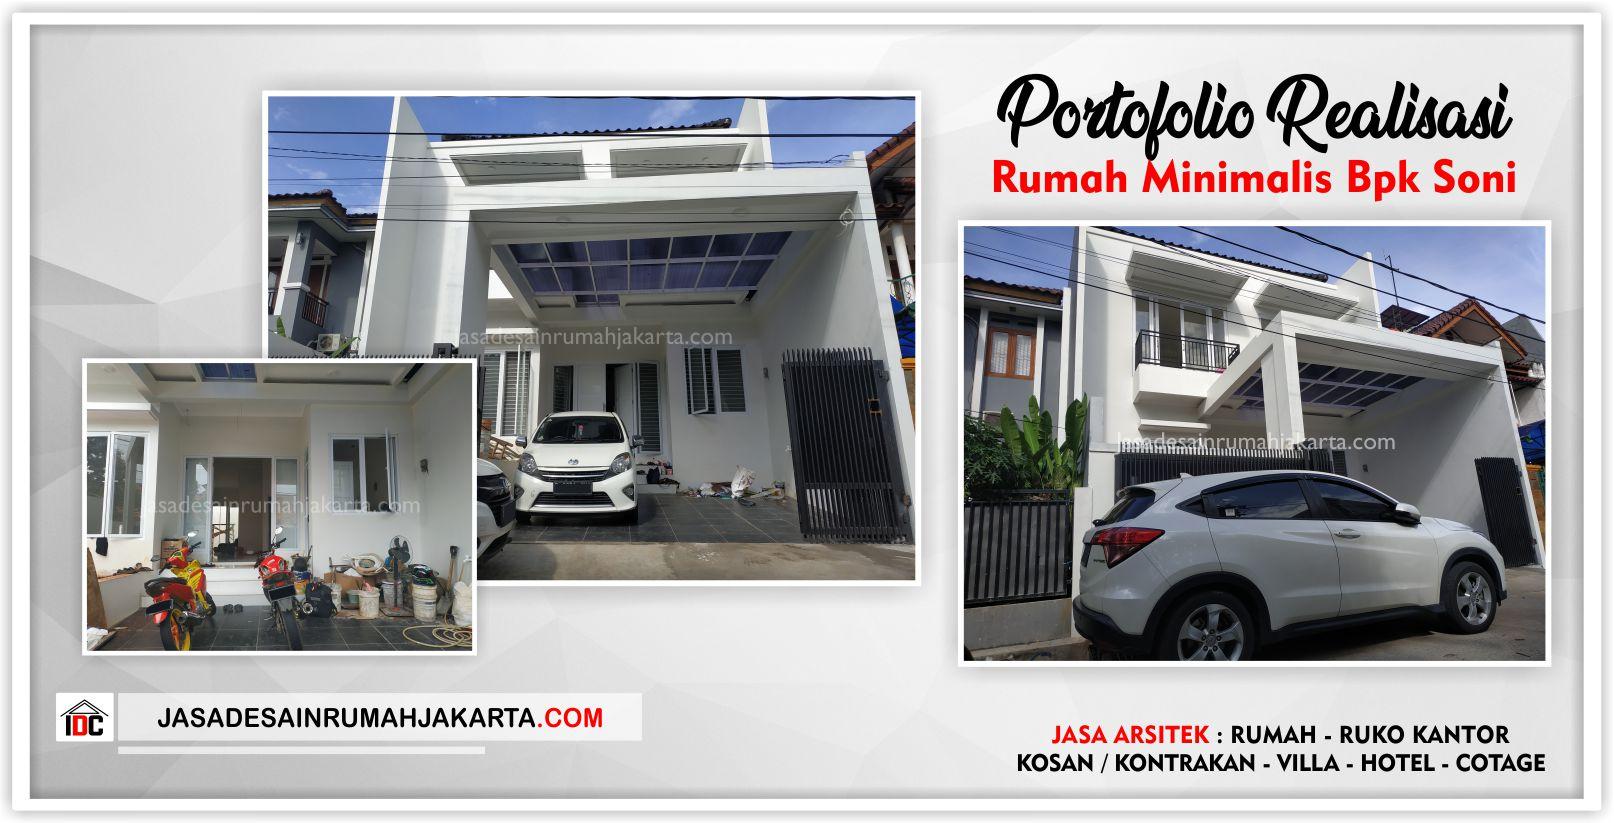 Realisasi Kunjungan Renovasi Rumah Bpk Soni-Arsitek Gambar Desain Rumah Klasik Modern Di Jakarta-Bekasi-Surabaya-Tangerang-Bandung-Jasa Konsultan Arsitek Profesional 7